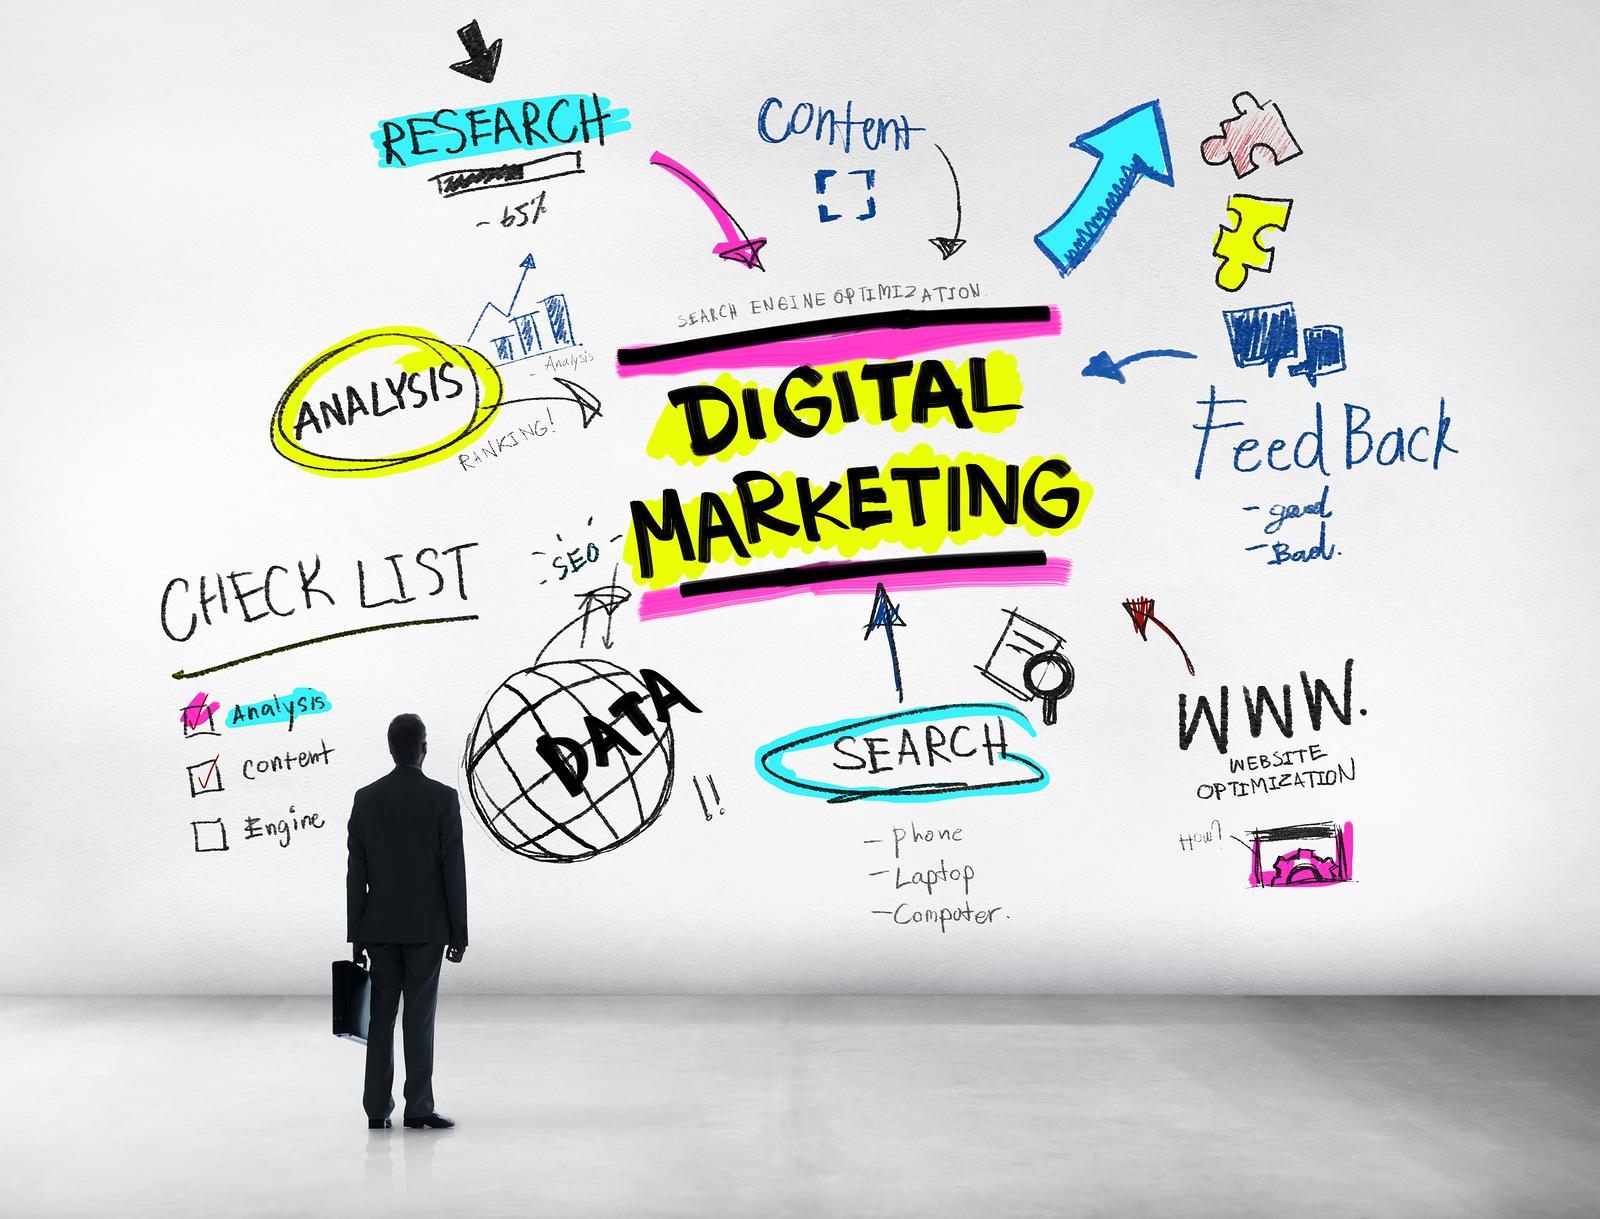 Internet Marketing: Digital Marketing Services Melbourne